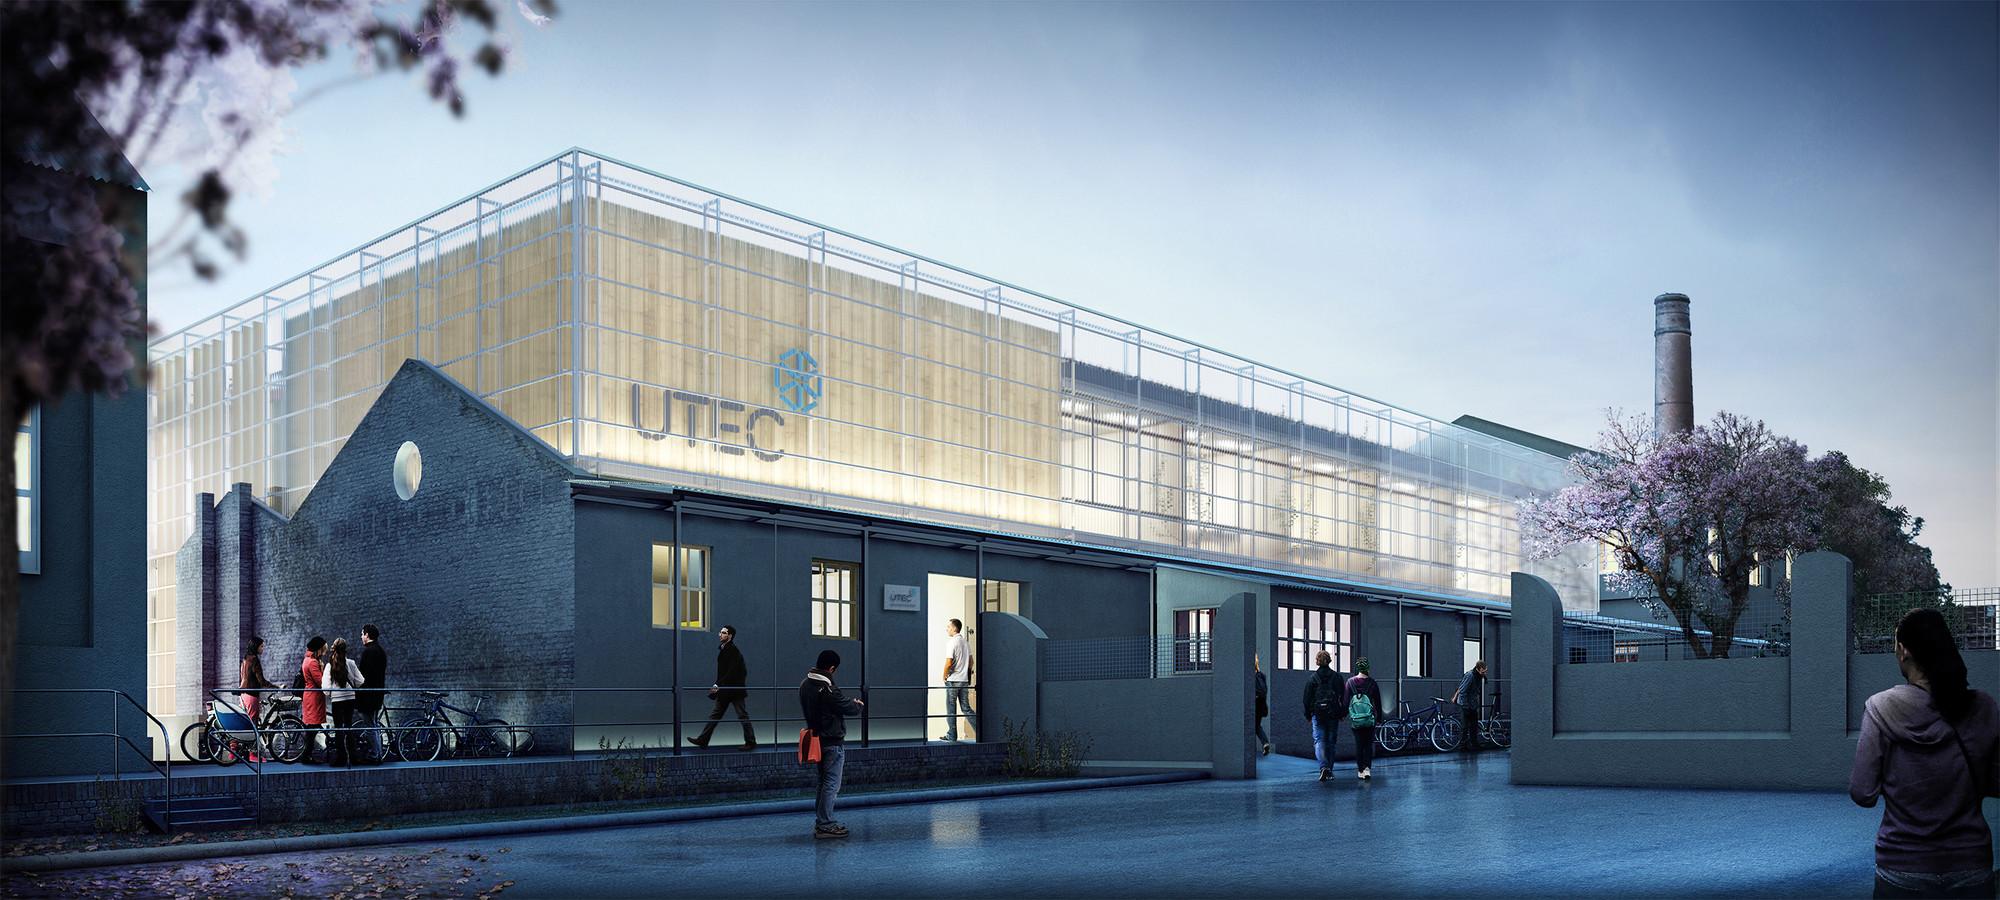 Segundo Lugar en concurso de anteproyecto del primer Instituto Tecnológico Regional UTEC / Uruguay, Cortesia de FGM Arquitectos